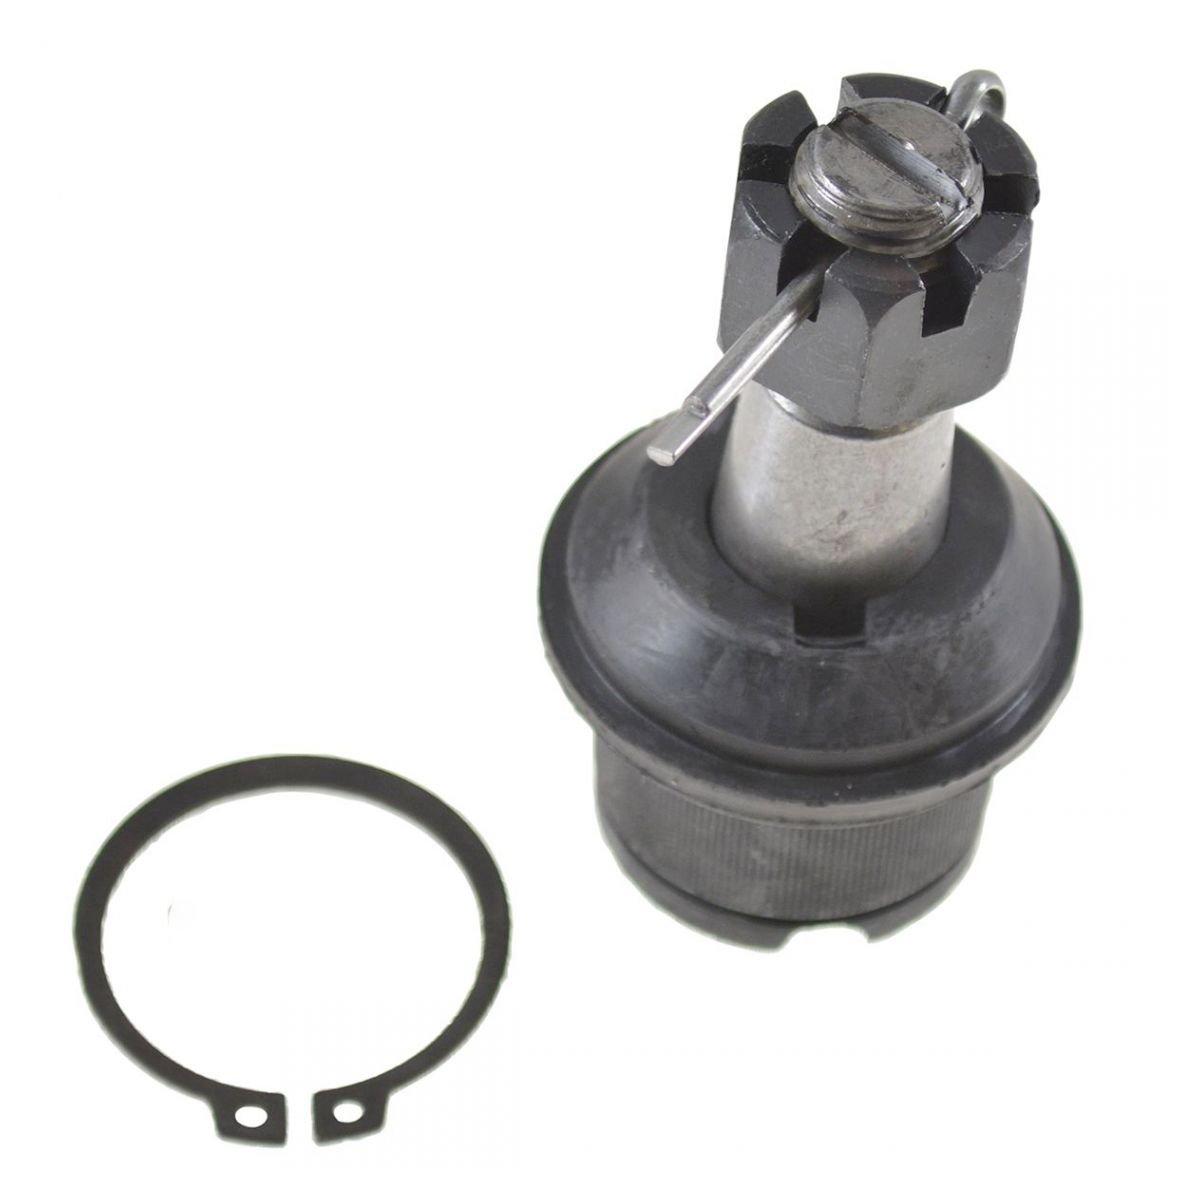 Ball Joint Front Upper /& Lower Kit Set of 4 for Dodge Ram 1500 2500 3500